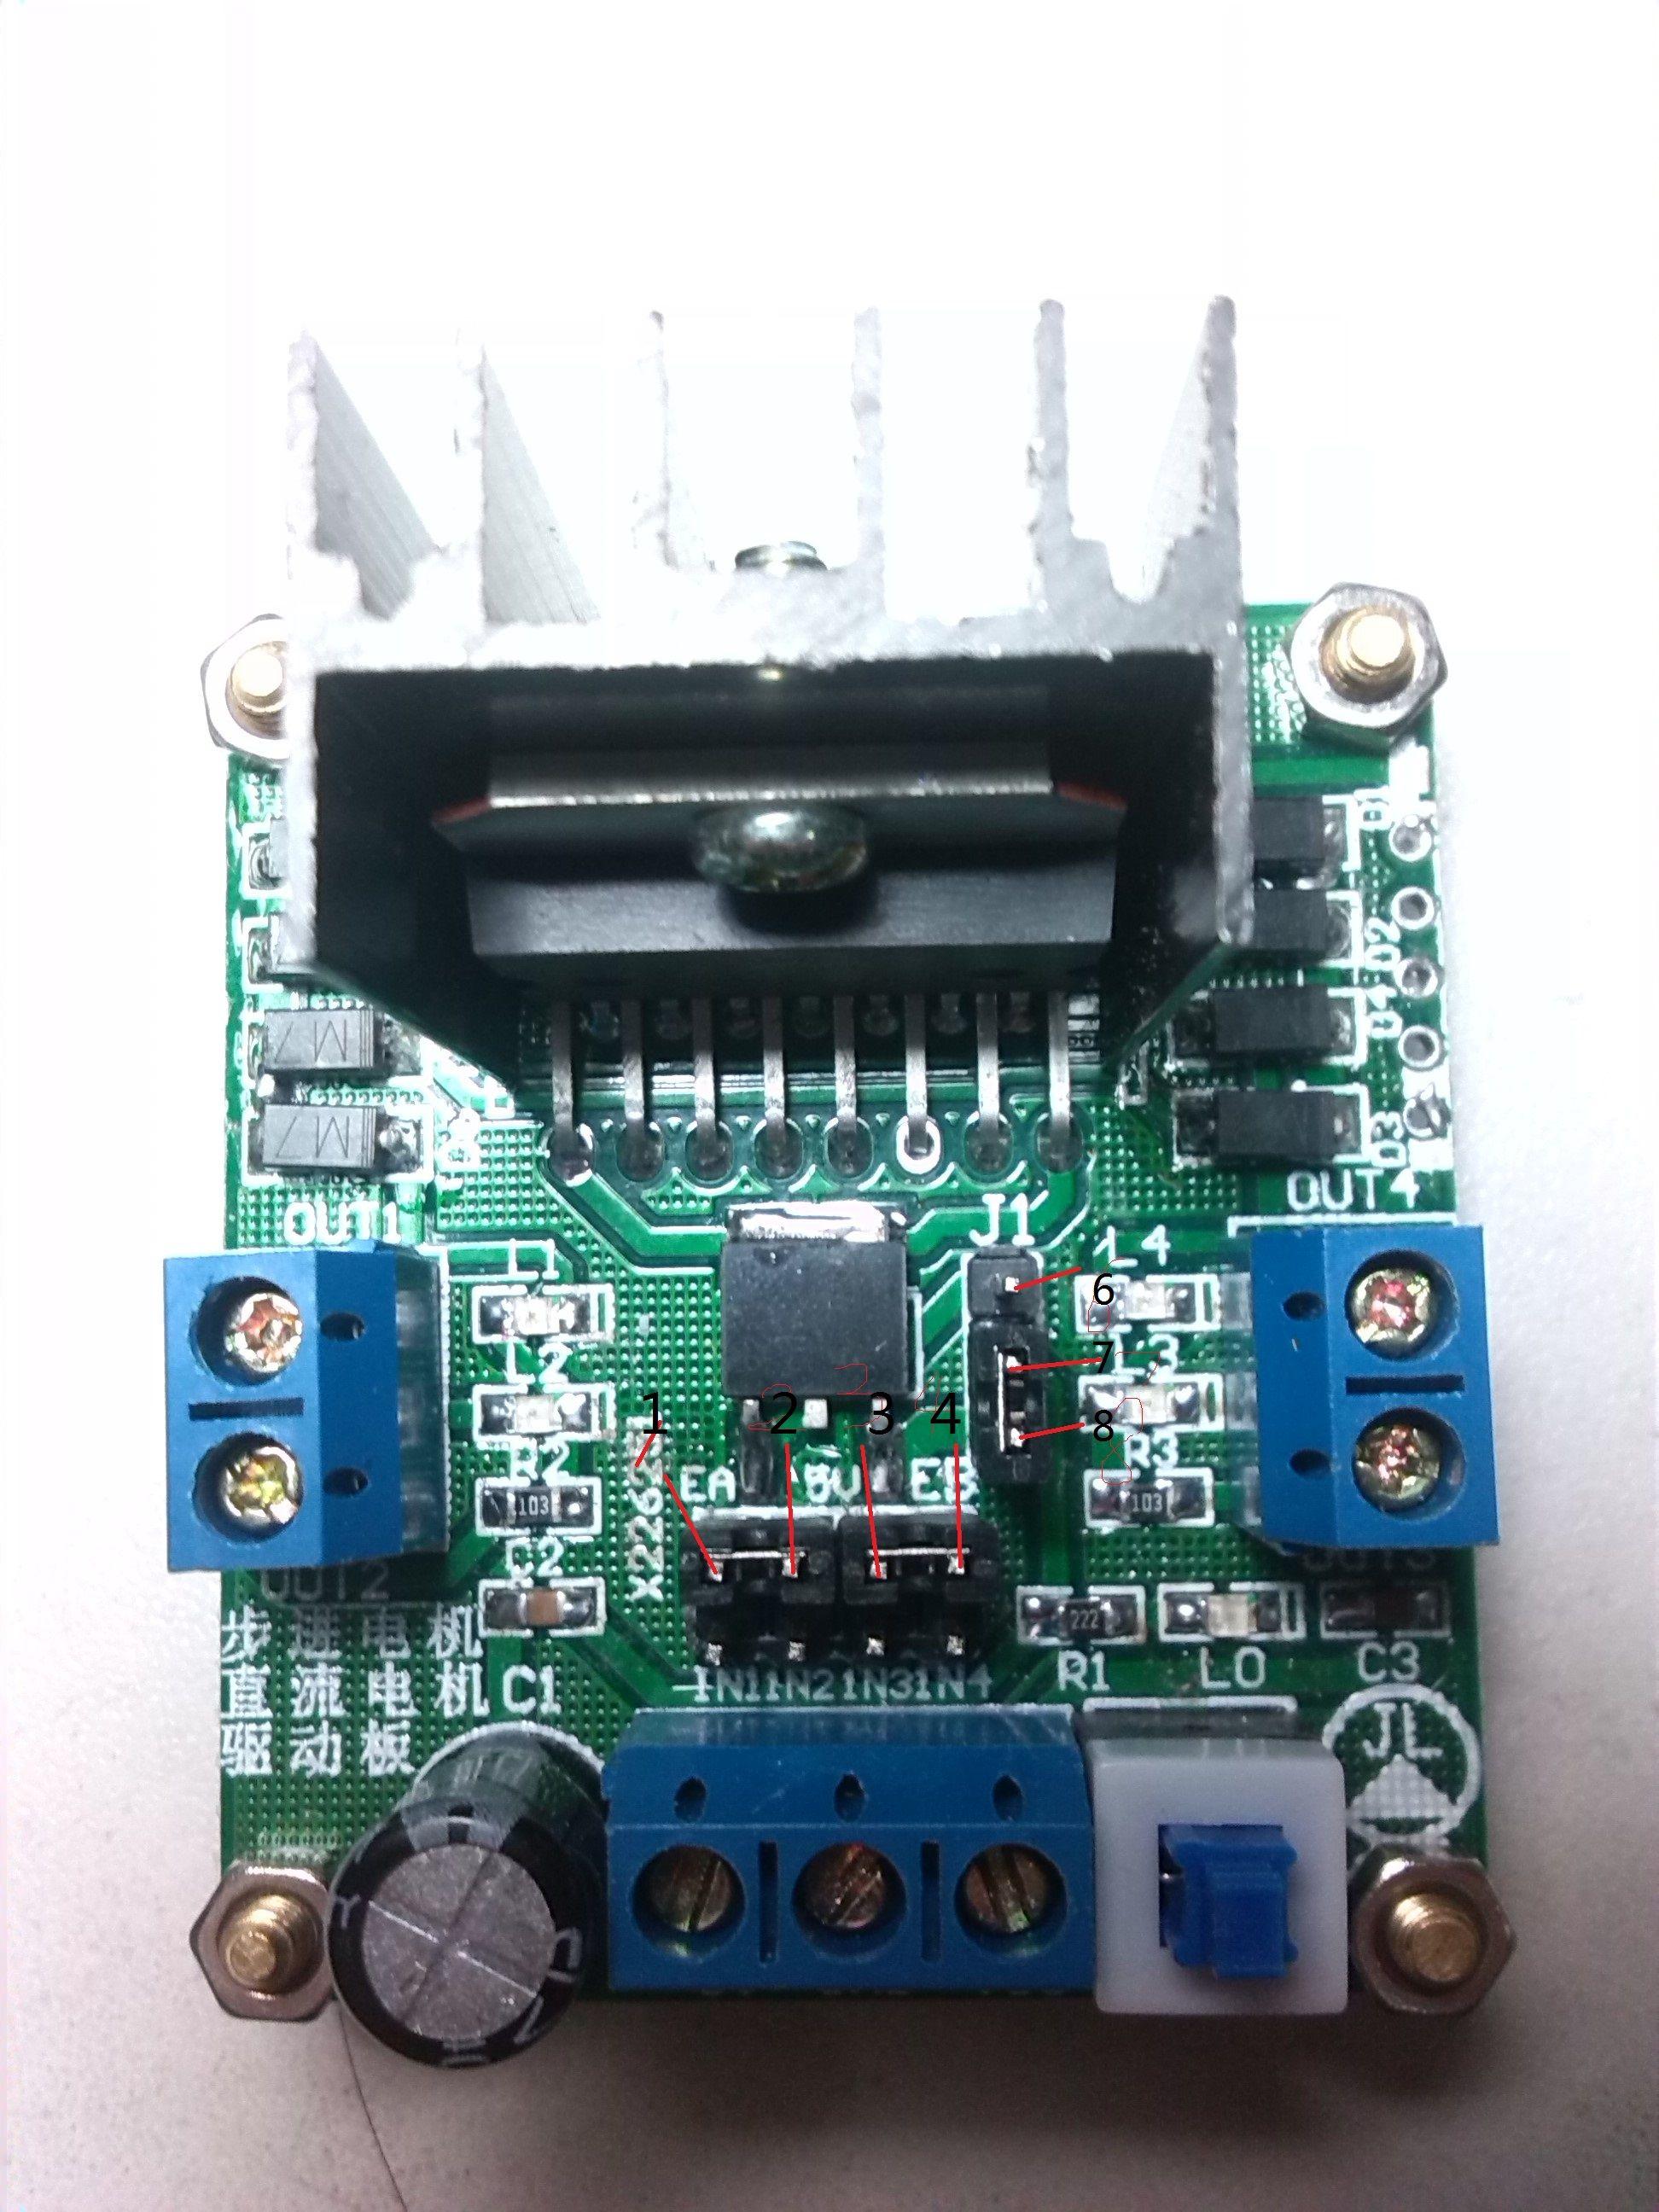 51单片机电机_新人关于51单片机电机驱动L289n的接口解答_百度知道